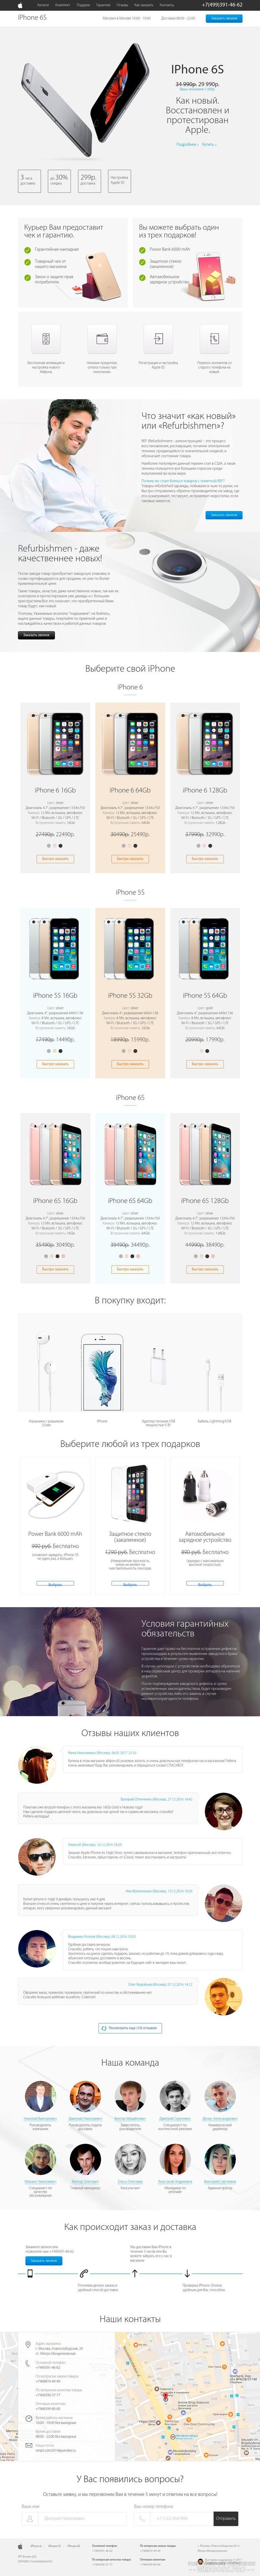 Создание сайта: Мультилендинг по продаже iPhone (после)